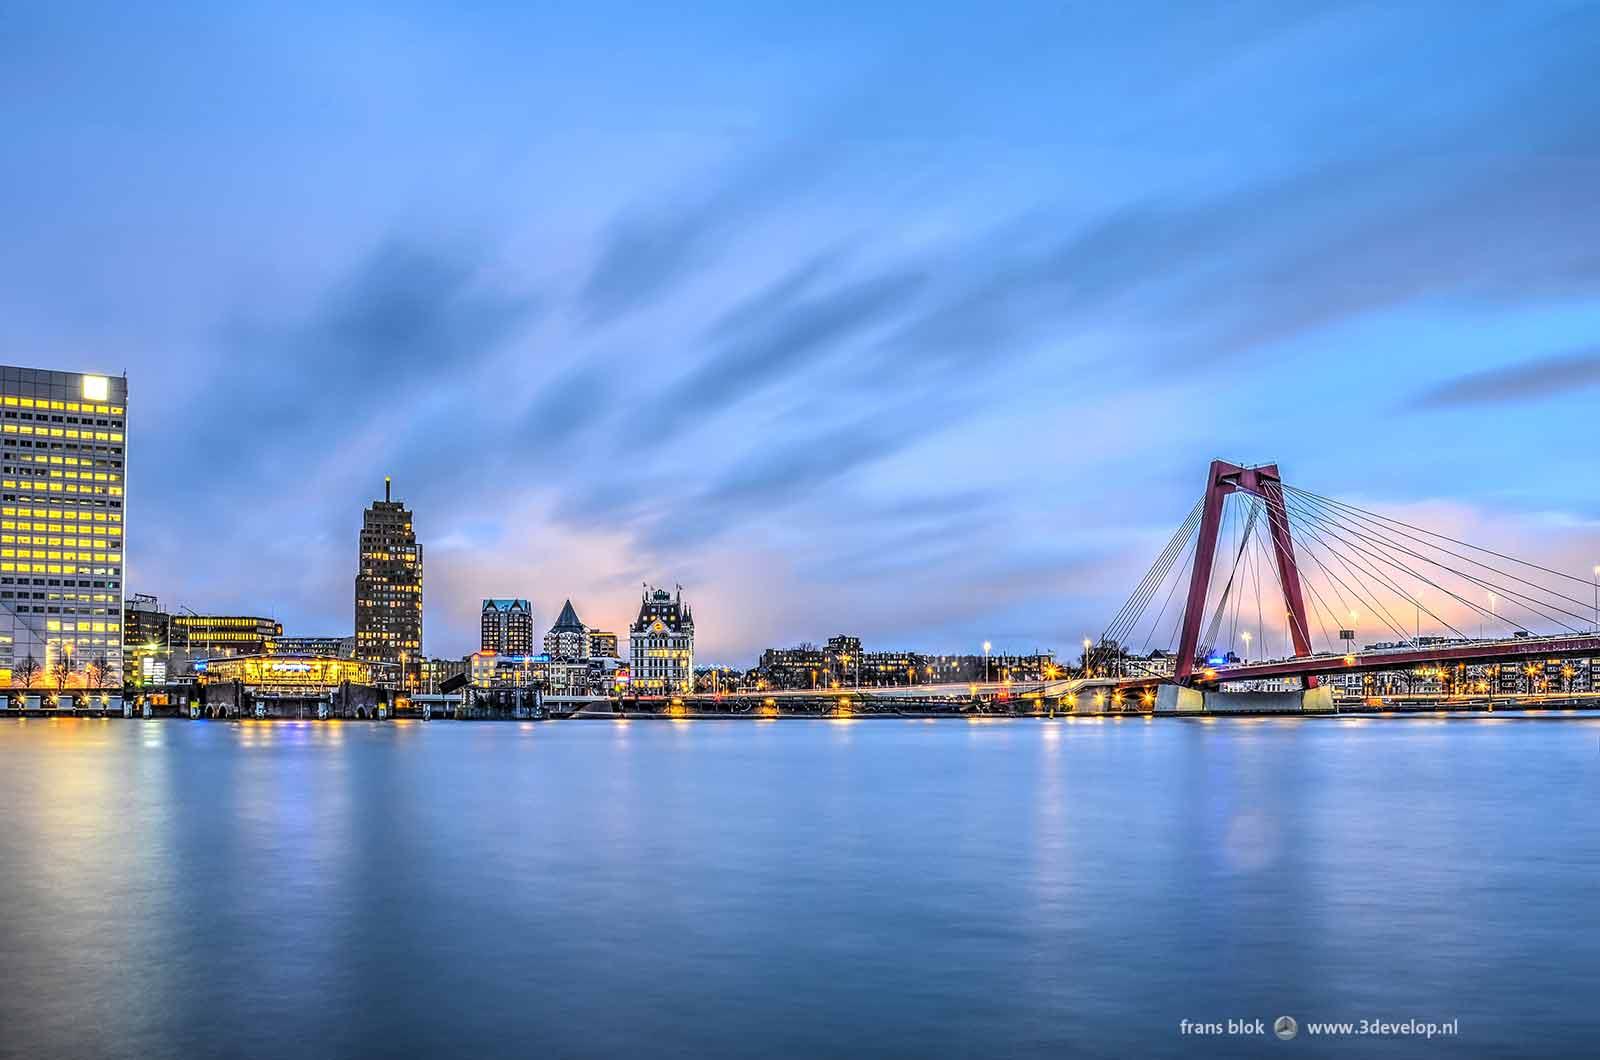 Rood-blauw-paarse lucht tijdens de zonsopkomst boven de Nieuwe Maas in Rotterdam, met het deel van de Boompjes tussen Willemswerf en Willemsbrug